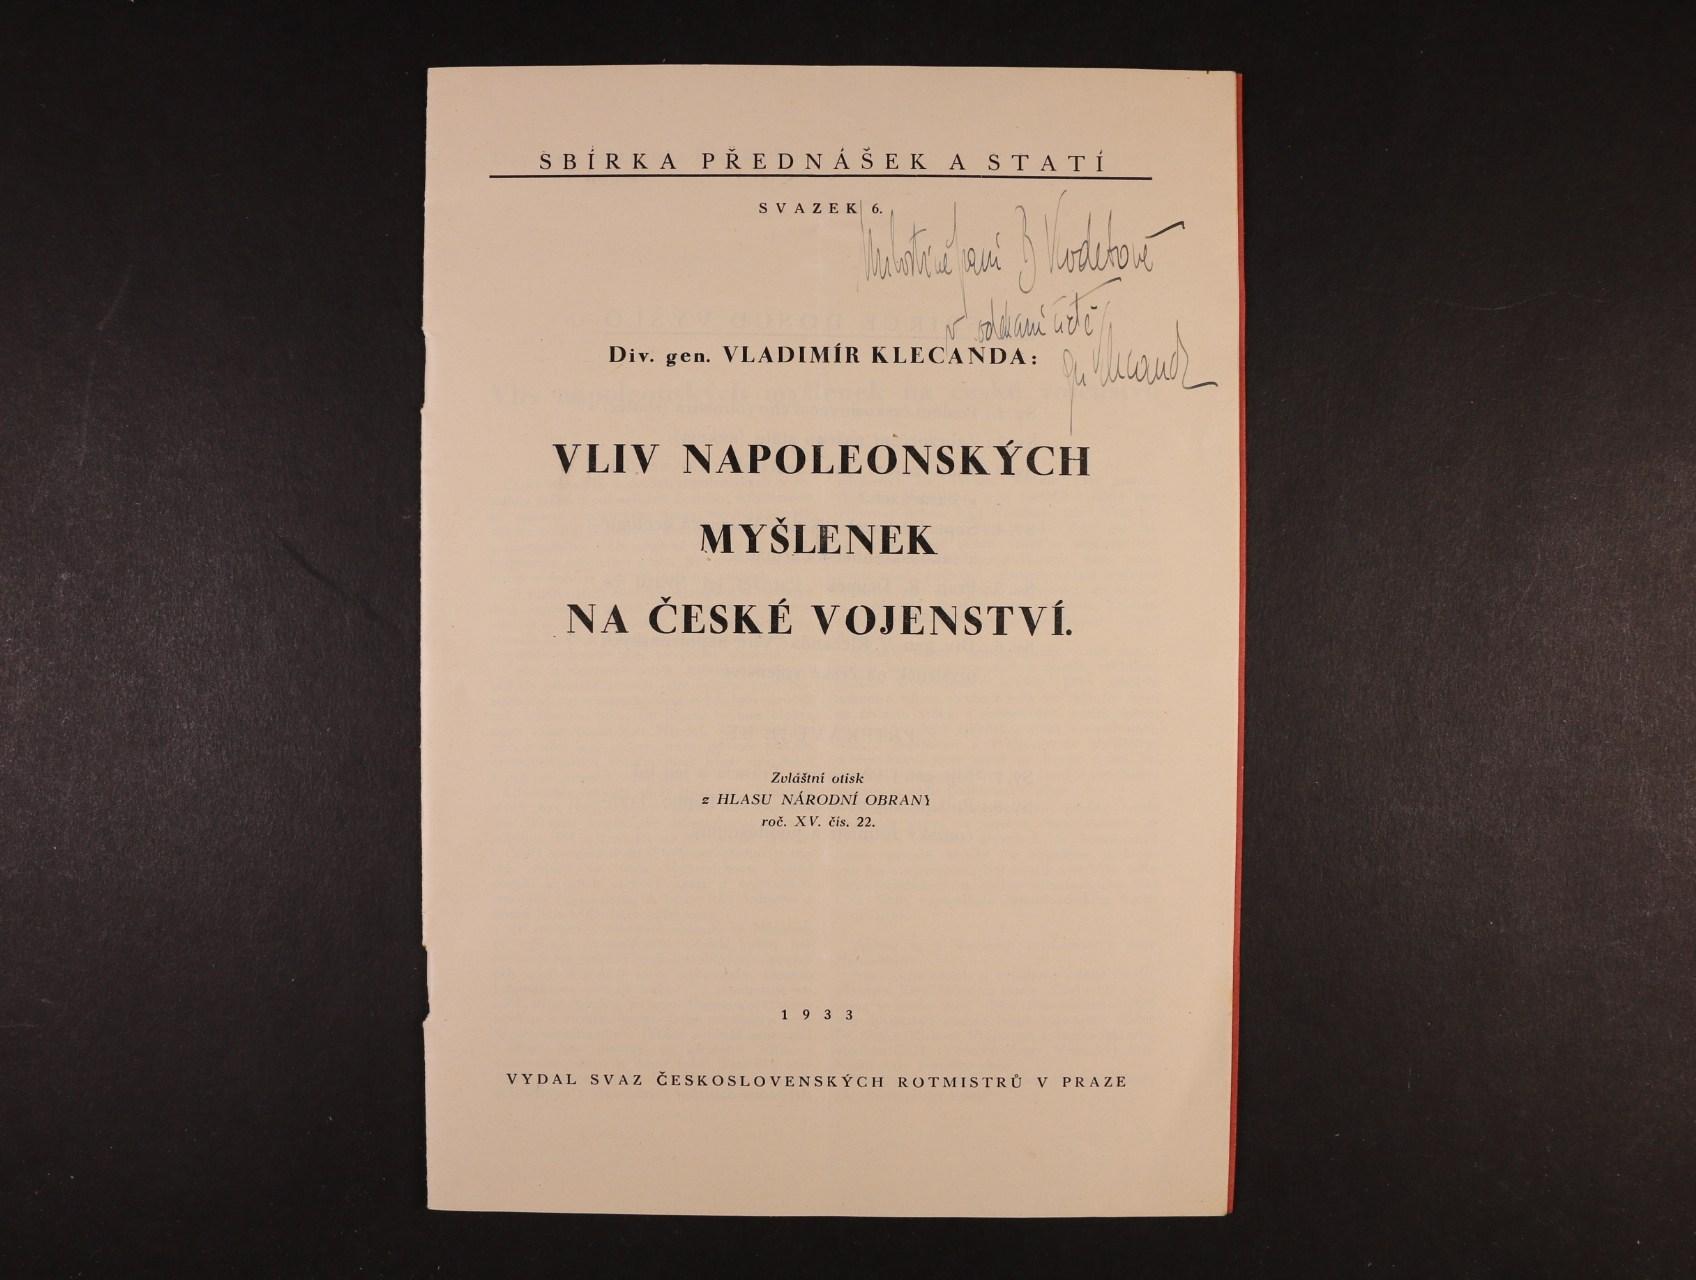 Klecanda Vladimír, divizní generál 1888 - 1947, čs. legionář, atašé v Římě - sbírka přednášek a statí, svazek 6 s věnováním a vlastnoručním podpisem